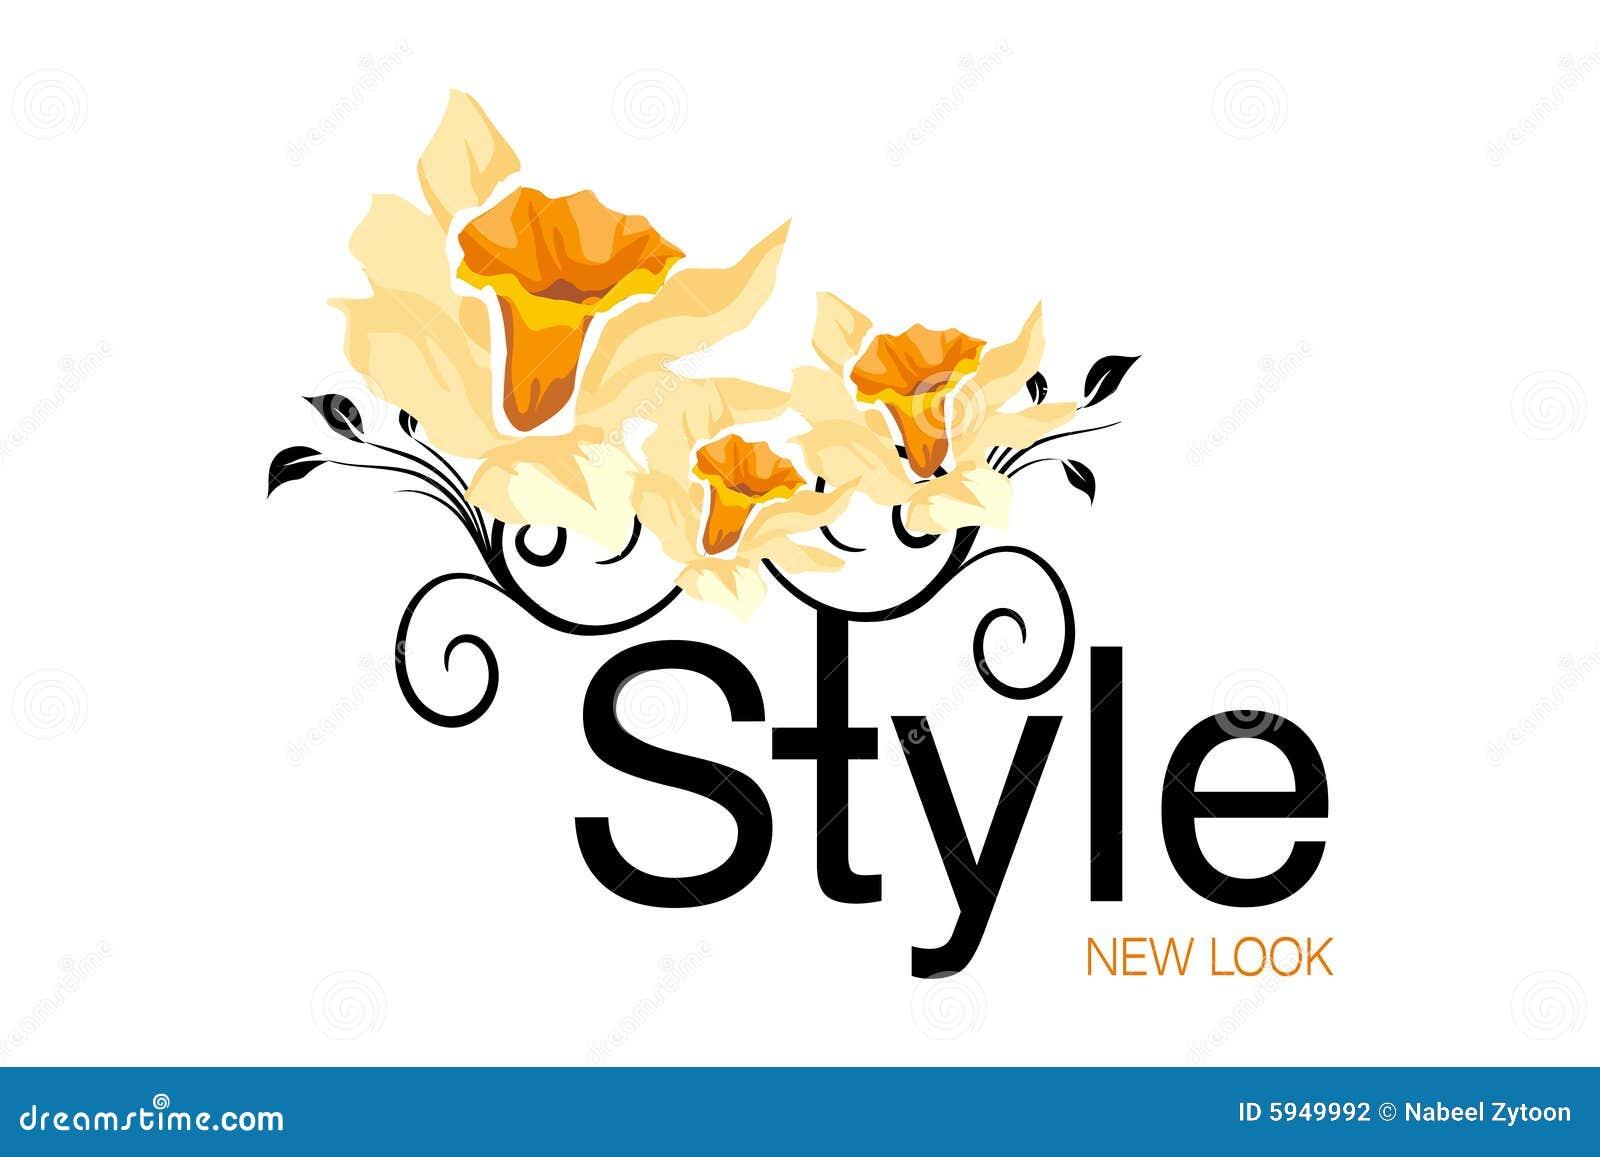 Style Logo Stock Photography Image 5949992